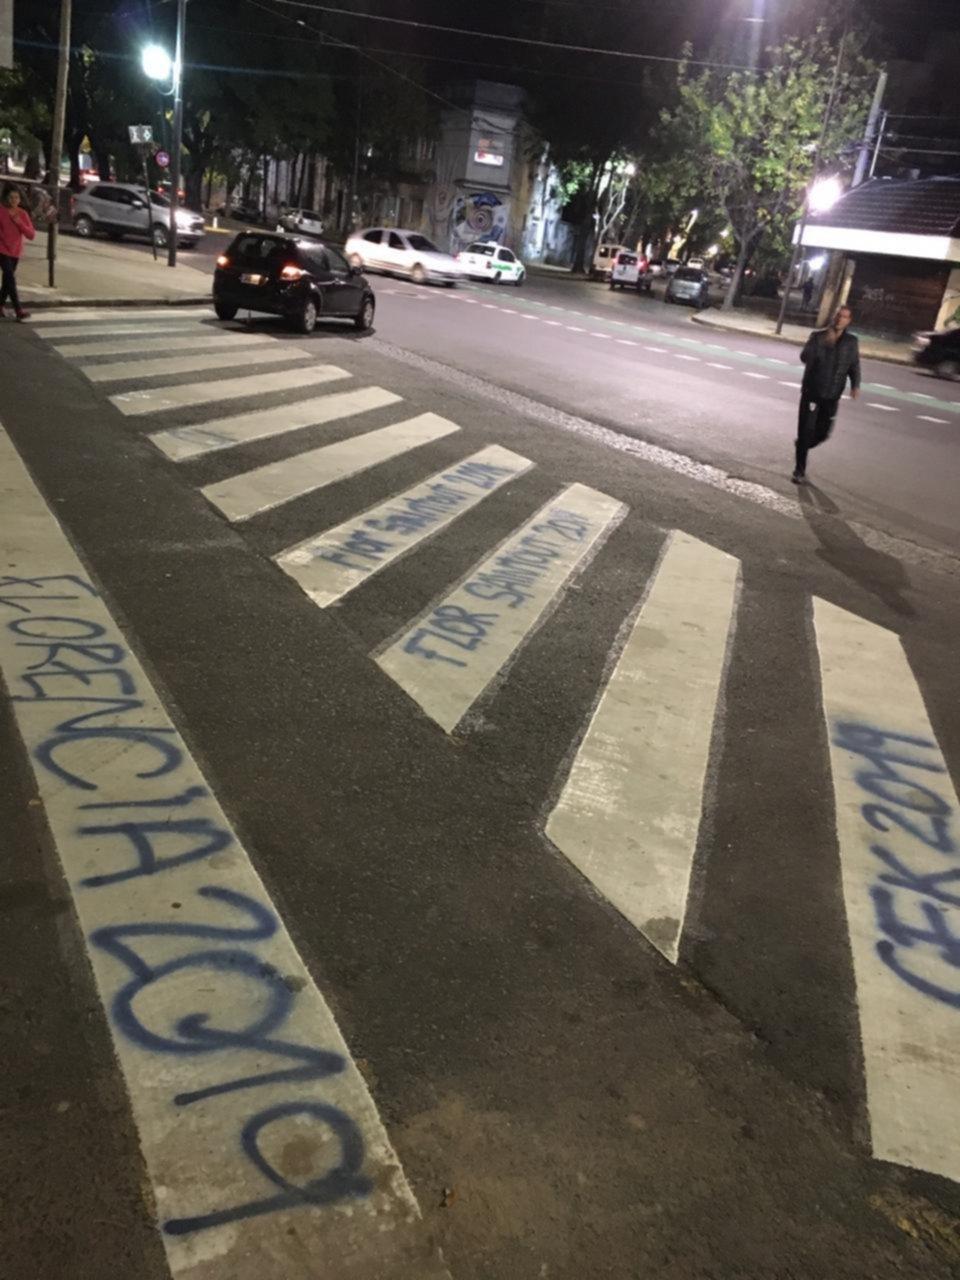 Garro quiere multar a una diputada kirchnerista por pintadas en la vía pública